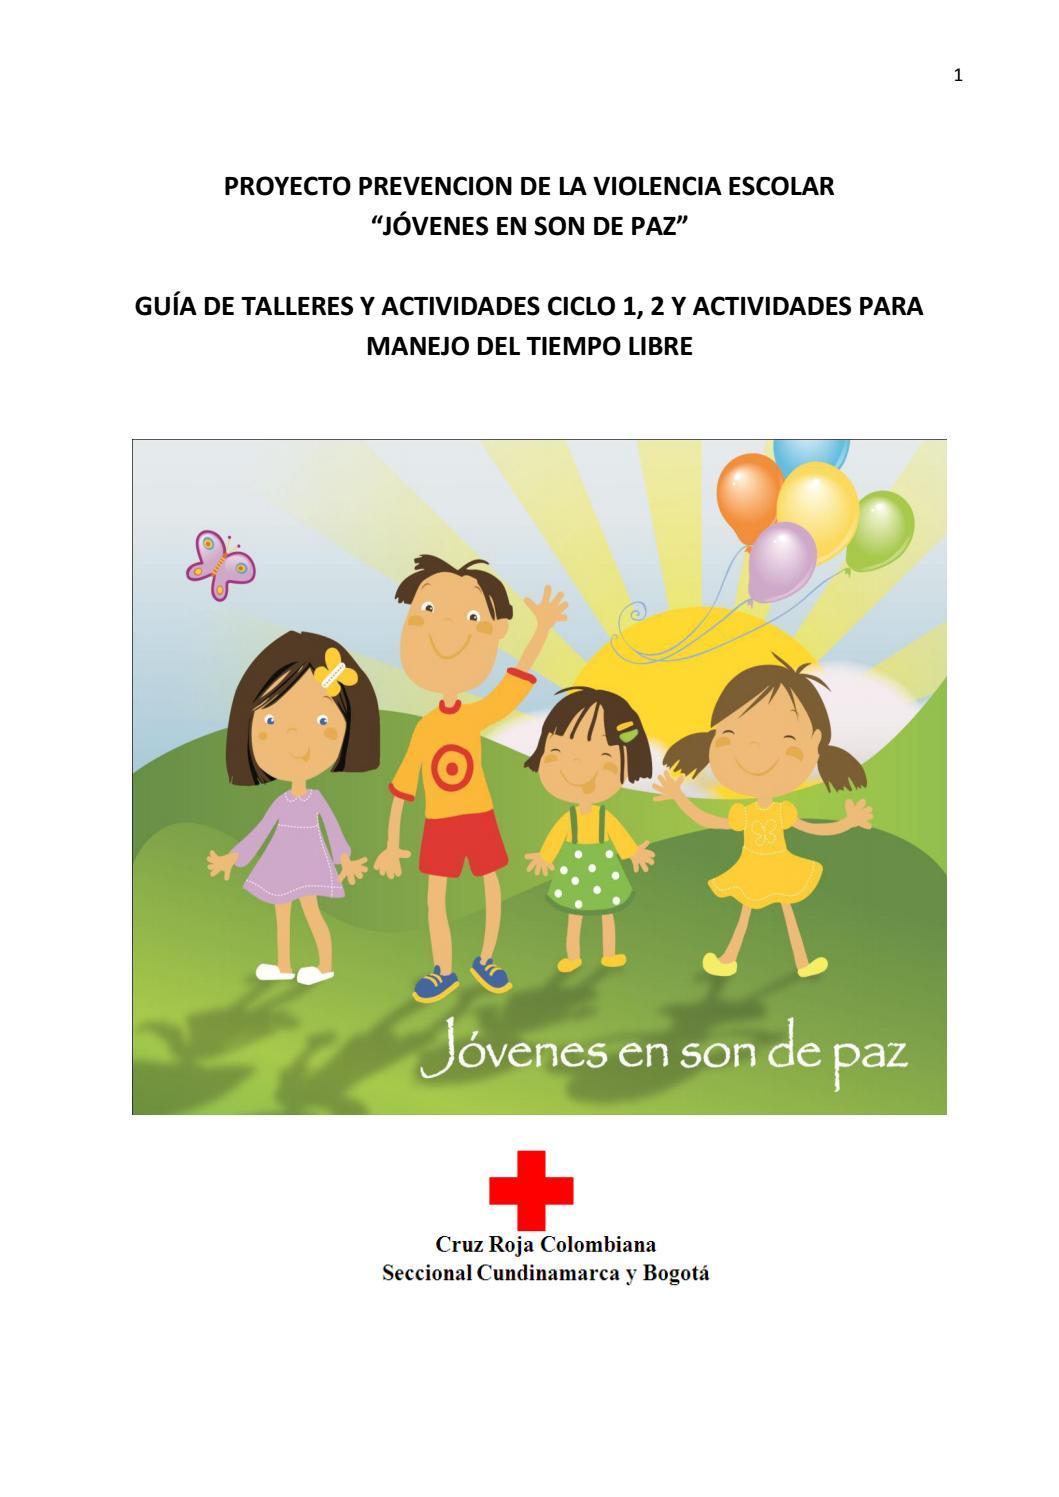 Proyecto Prevención De La Violencia Escolar Guía De Actividades By Cruz Roja Colombiana Cundinamarca Y Bogotá Issuu